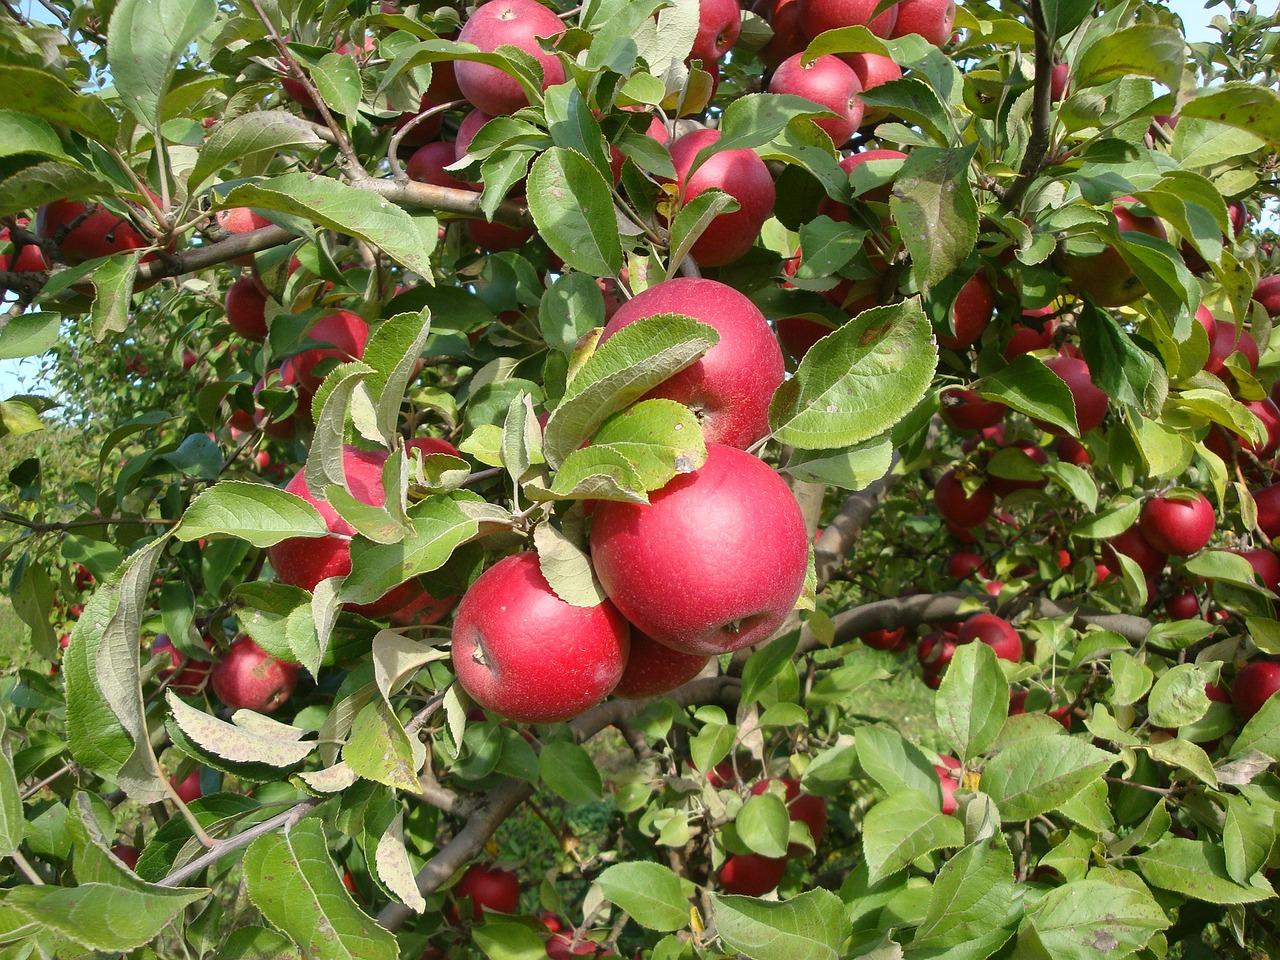 картинка фруктового сада без фруктов друзьями